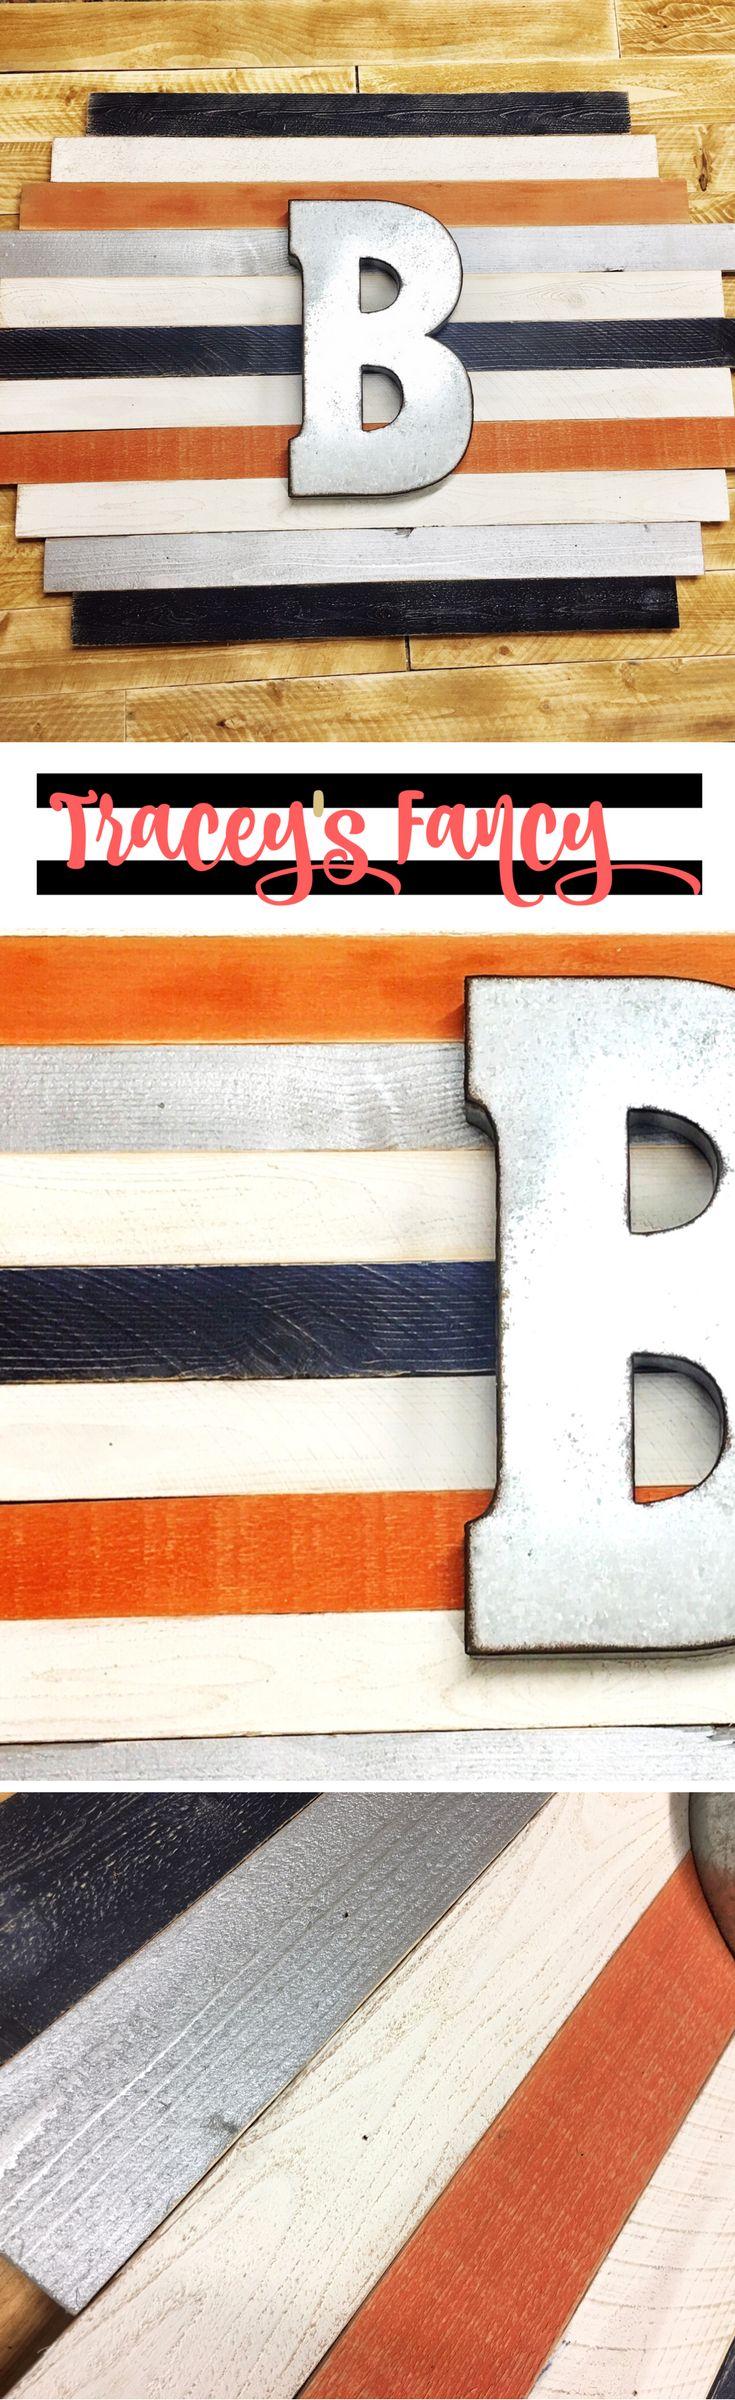 Boys Nursery Wall Art | Boys Bedroom Ideas | Wood Plank Wall Art in Orange, Navy & Silver | Nursery Art by Tracey's Fancy